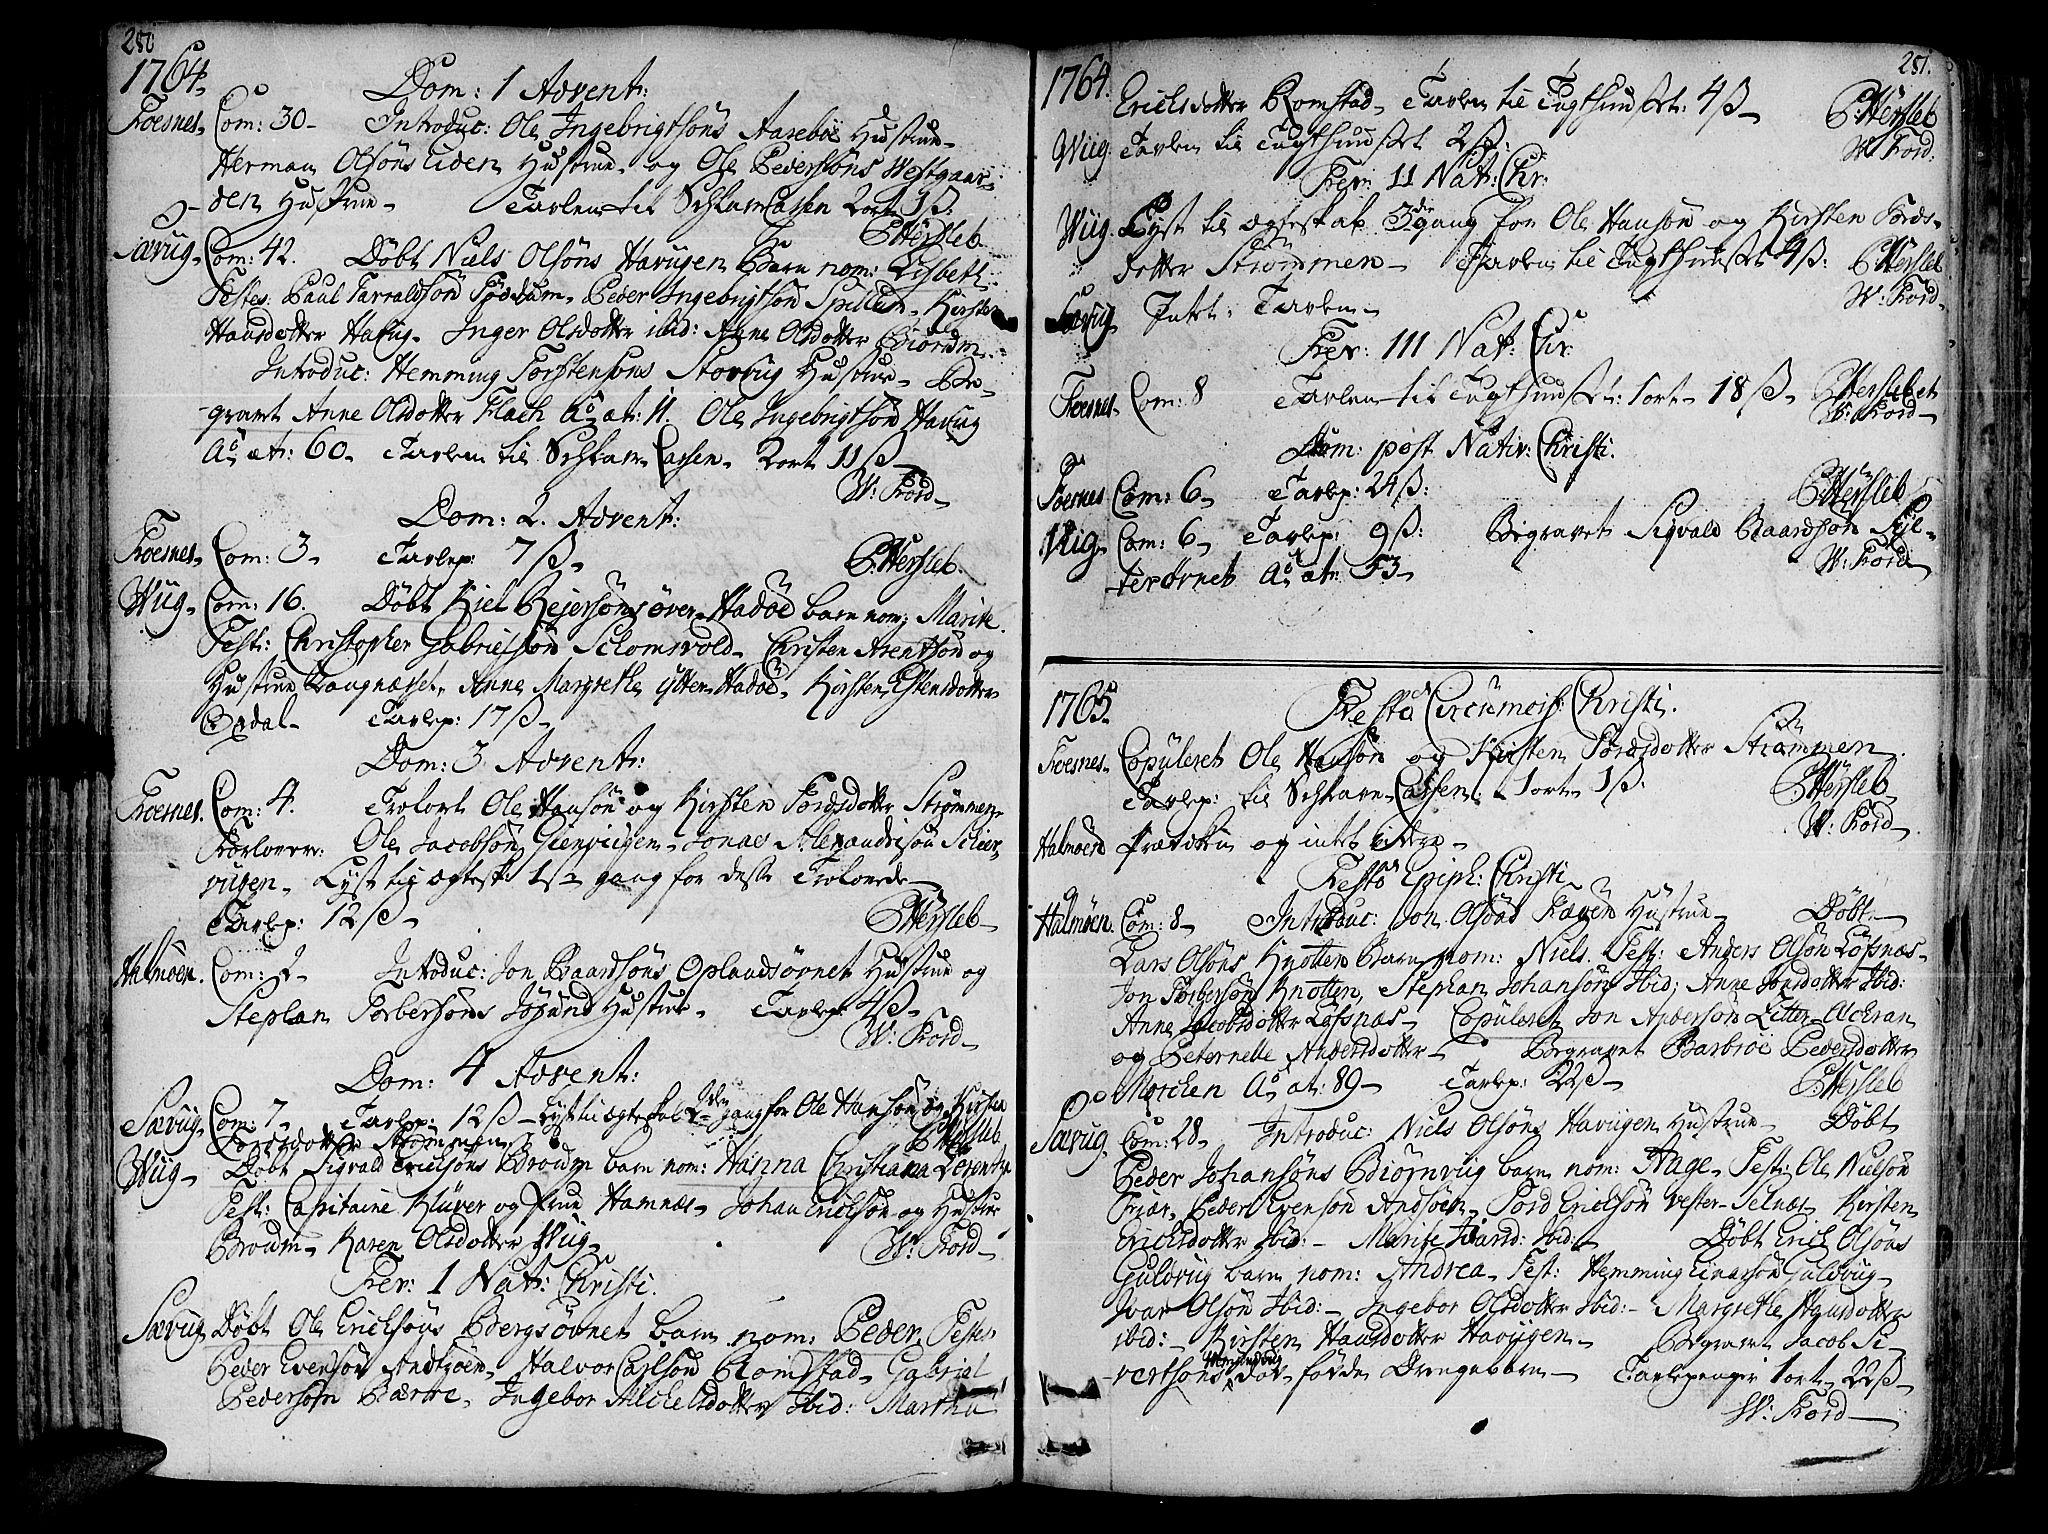 SAT, Ministerialprotokoller, klokkerbøker og fødselsregistre - Nord-Trøndelag, 773/L0607: Ministerialbok nr. 773A01, 1751-1783, s. 280-281